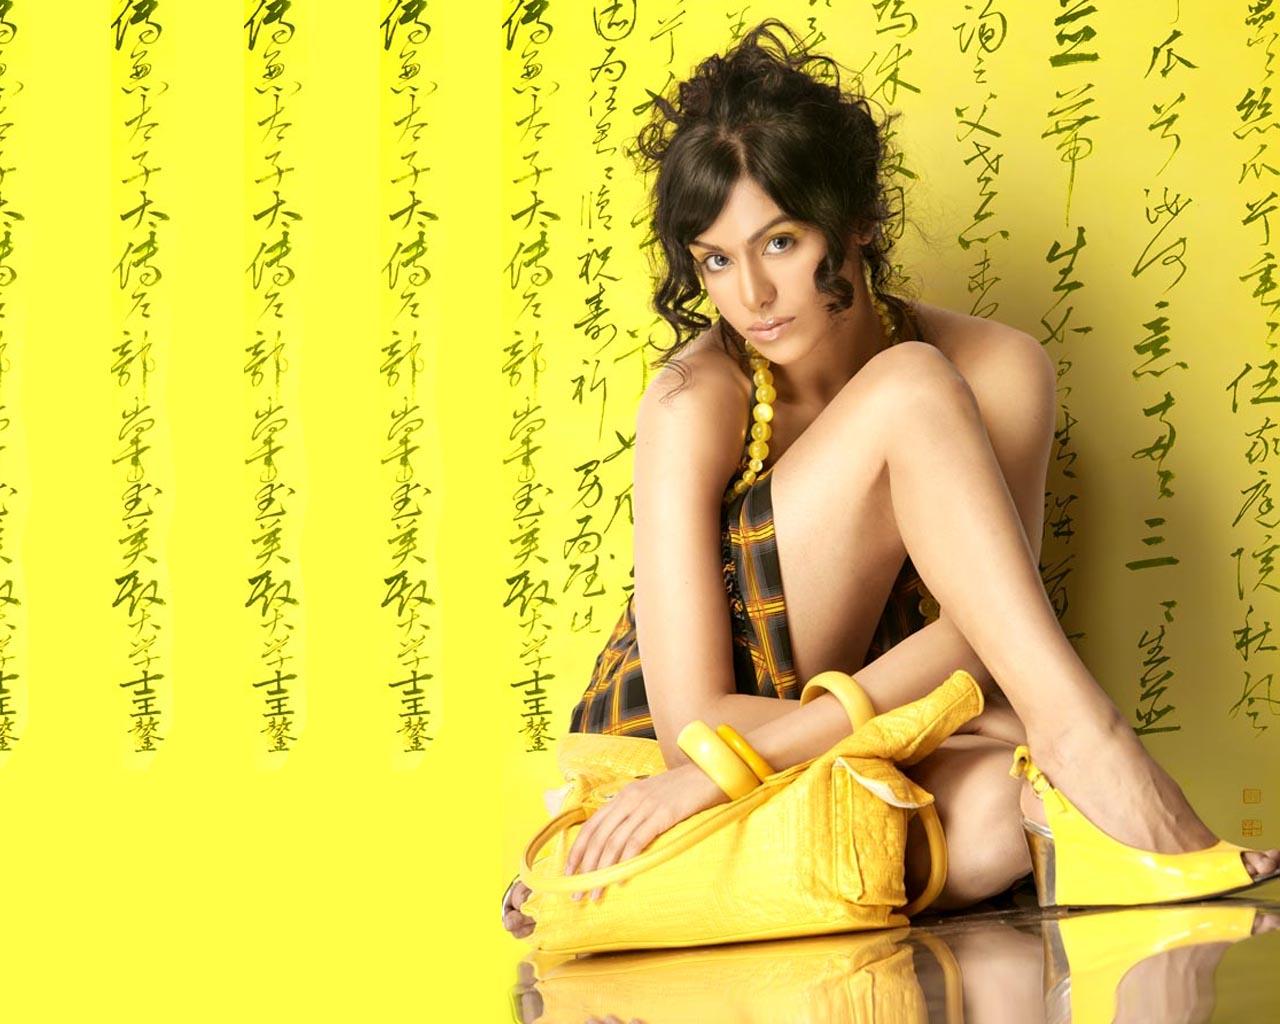 http://1.bp.blogspot.com/-cI0bOibUIjA/Tfnw-TEGzUI/AAAAAAAAARs/g6Ed1mU3GXg/s1600/Bollywood+Adah+Sharma+Wallpaper9.jpg